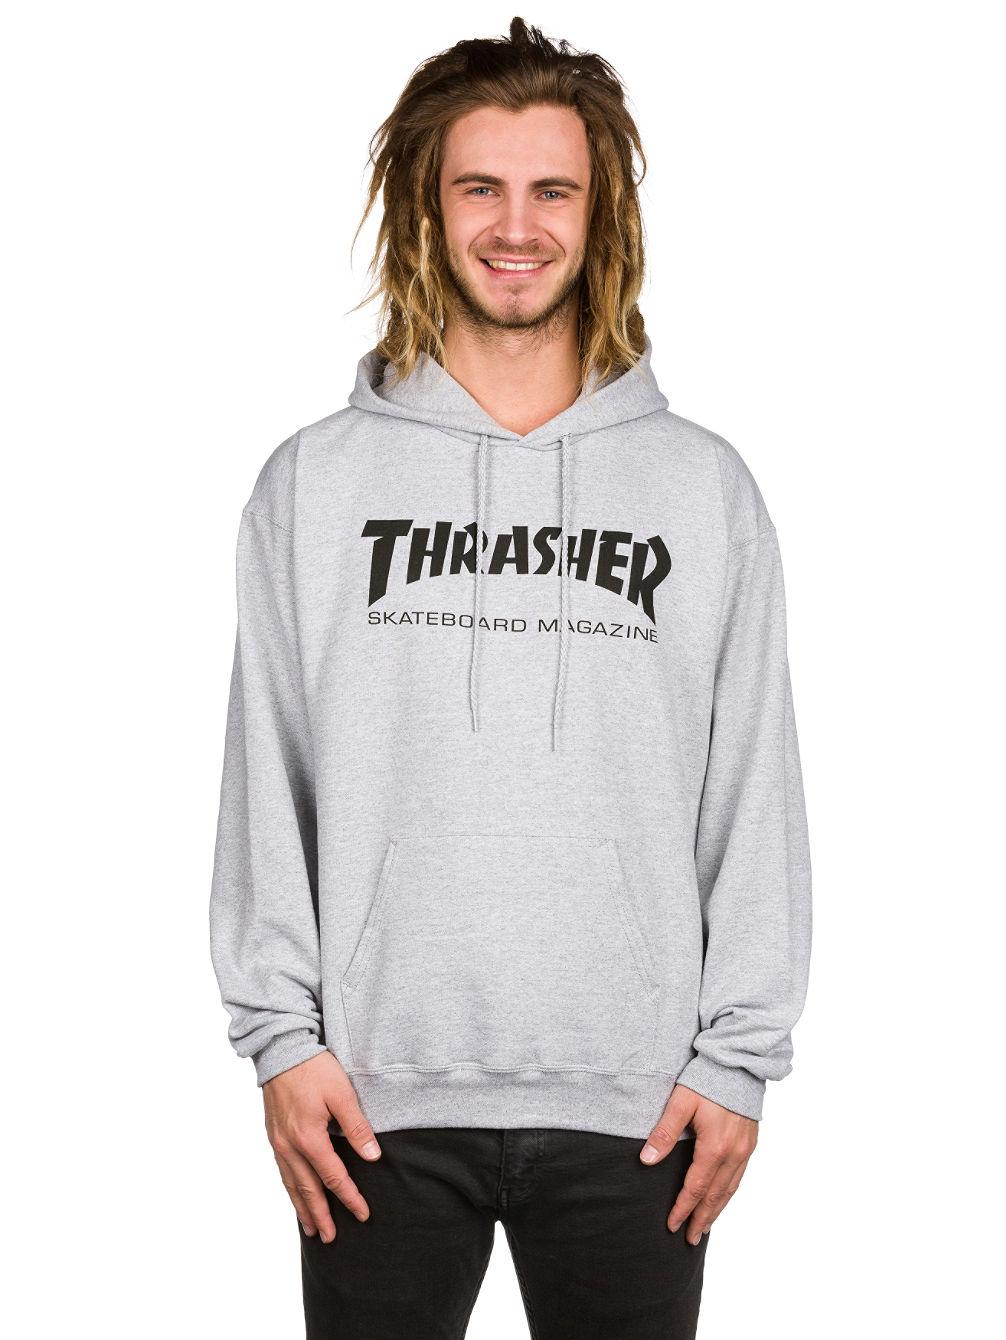 buy thrasher skate mag hoodie online at blue. Black Bedroom Furniture Sets. Home Design Ideas